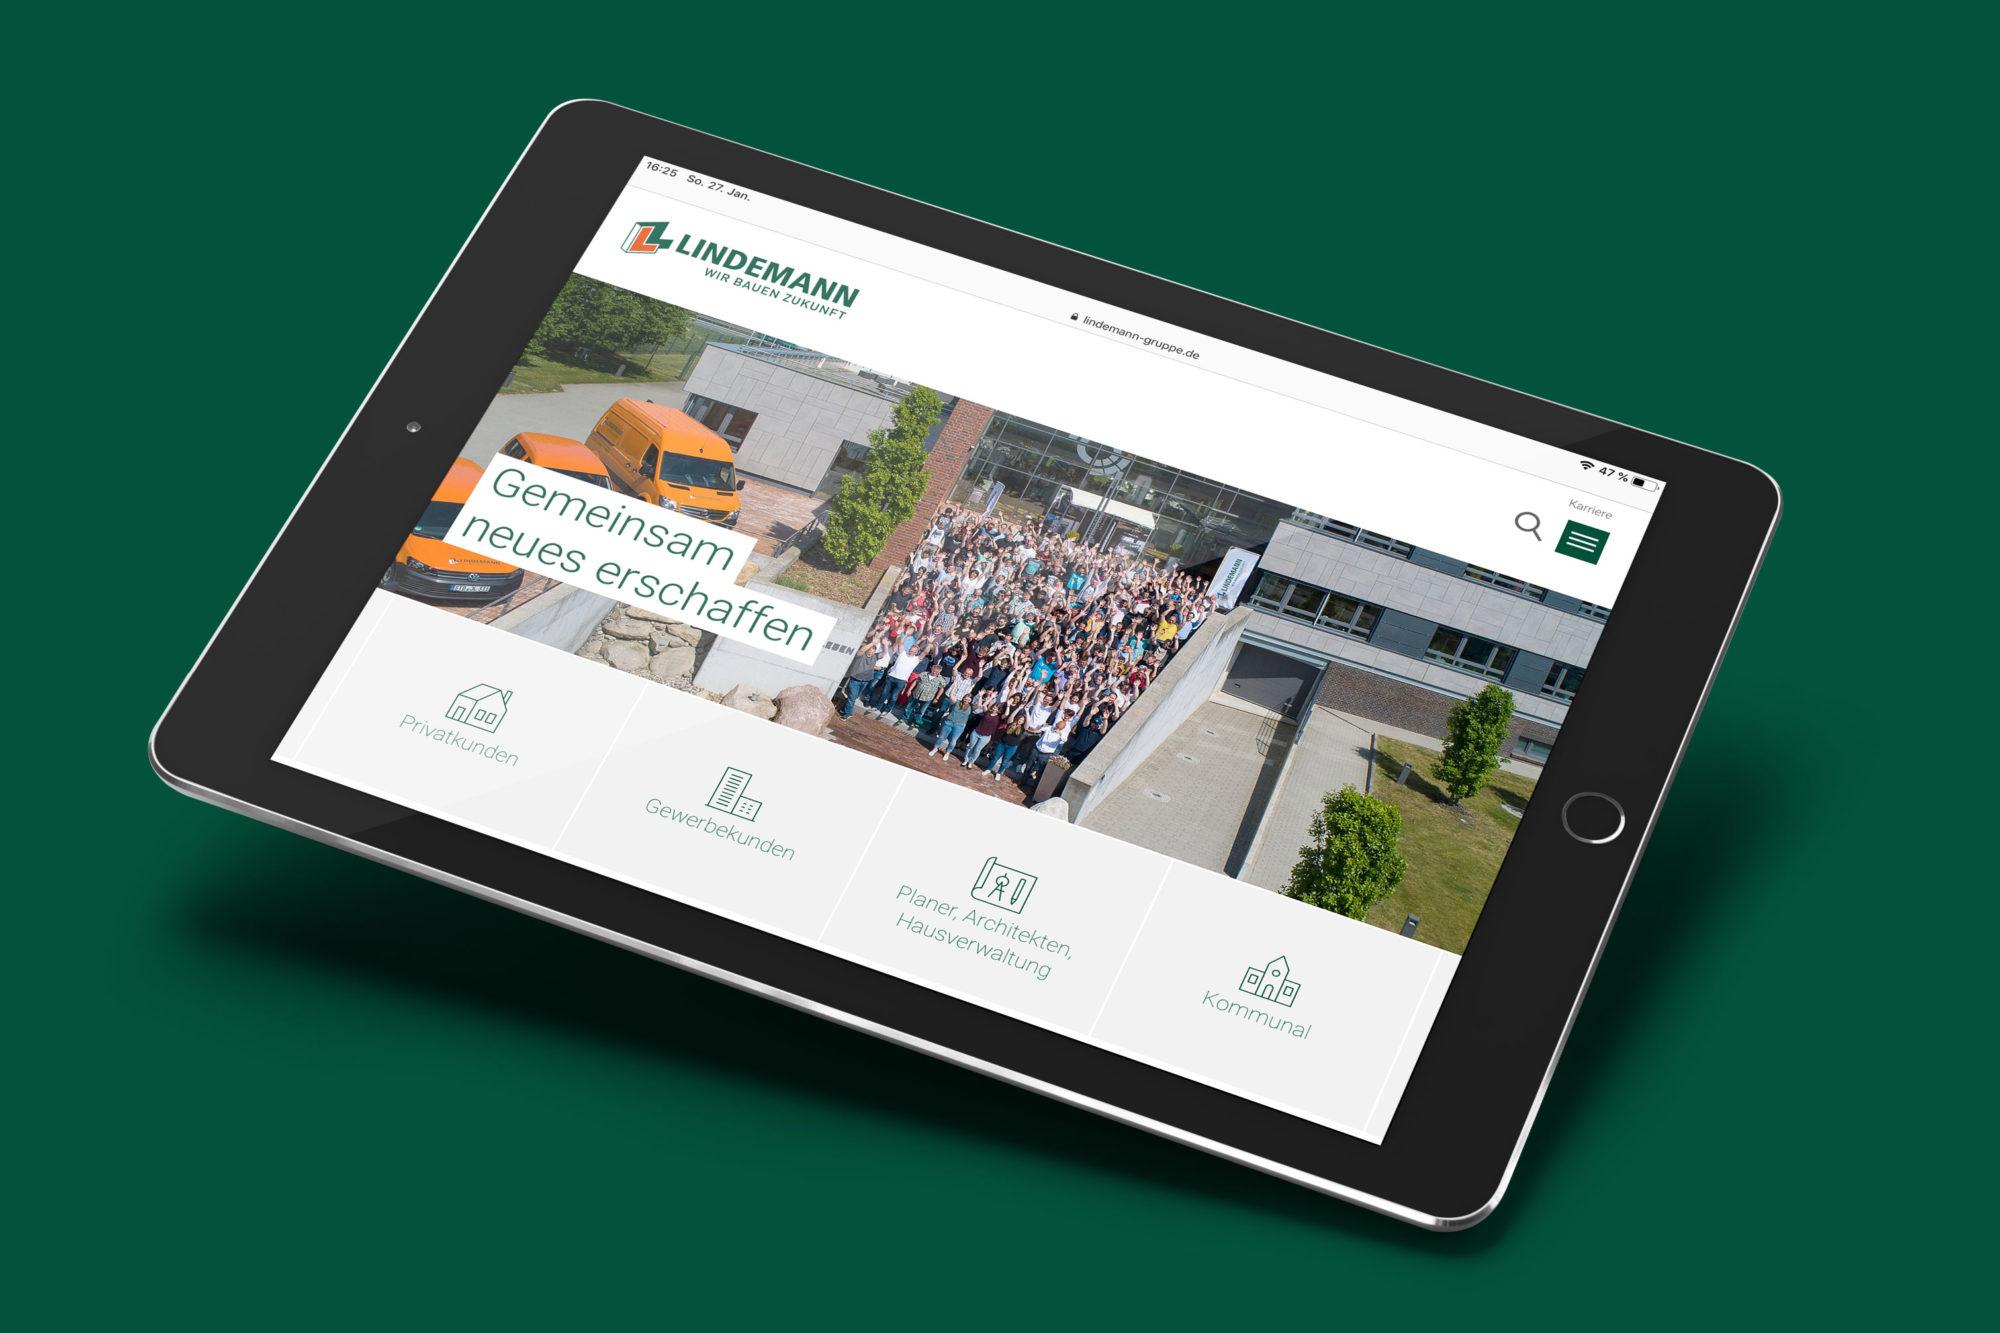 Corporate Design für Lindemann, Beispiel Webdesign